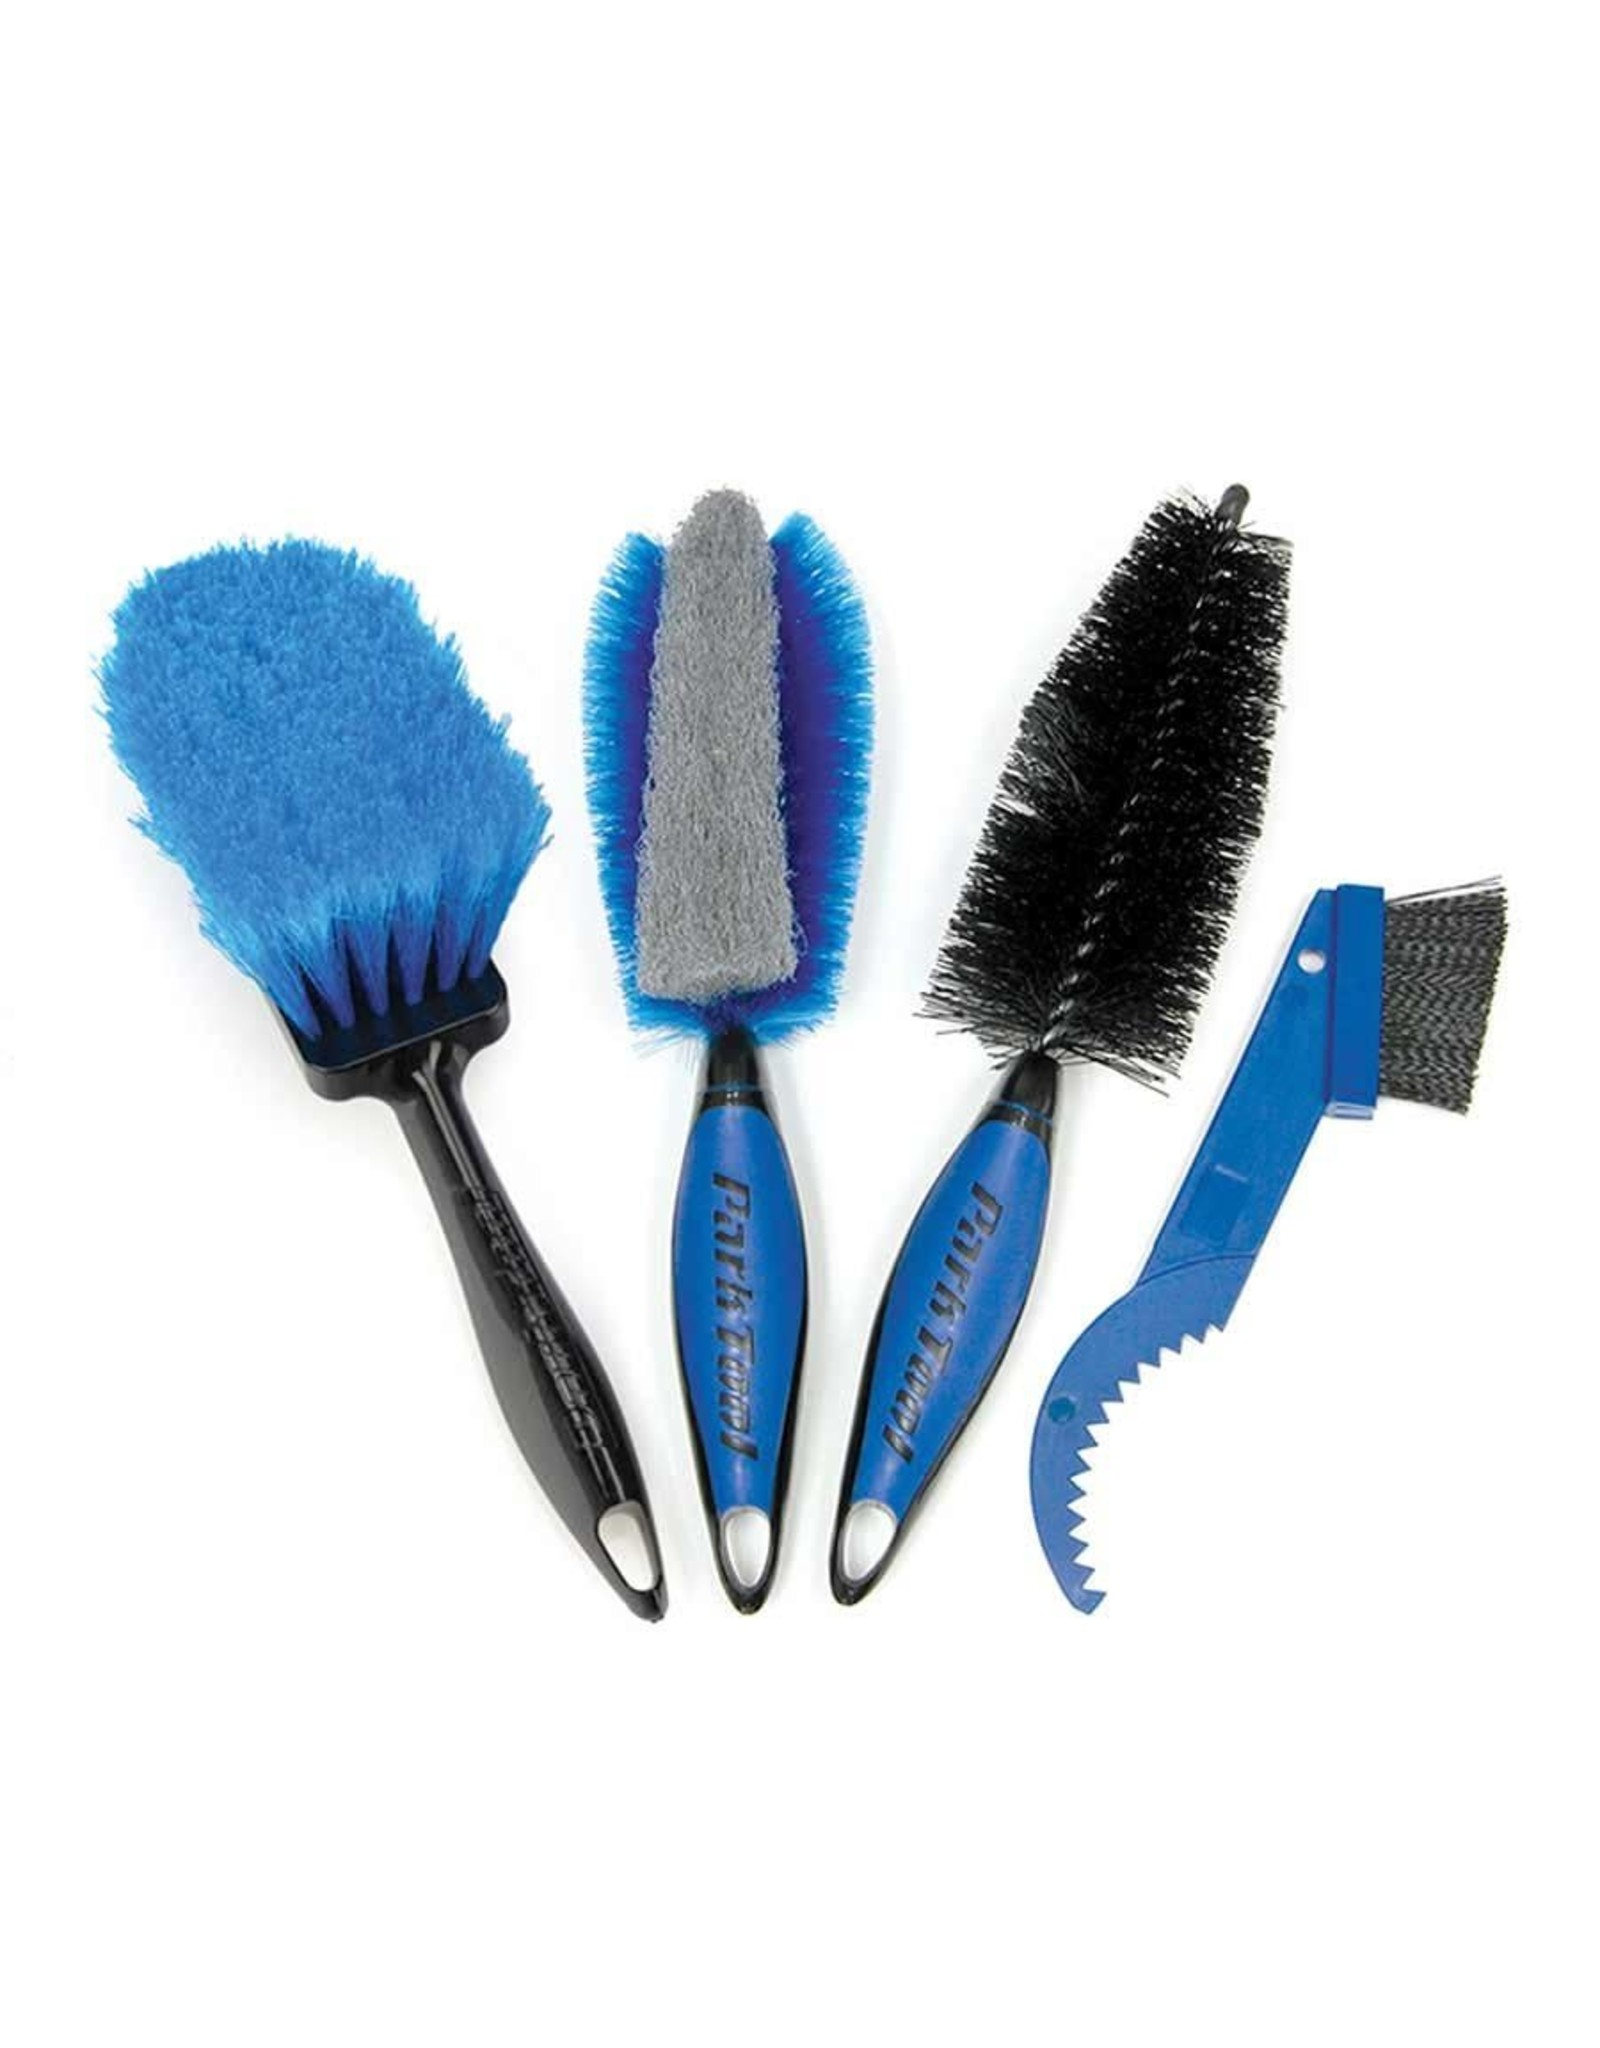 Park Tool Park Tool, BCB-4.2, Bike cleaning brush set